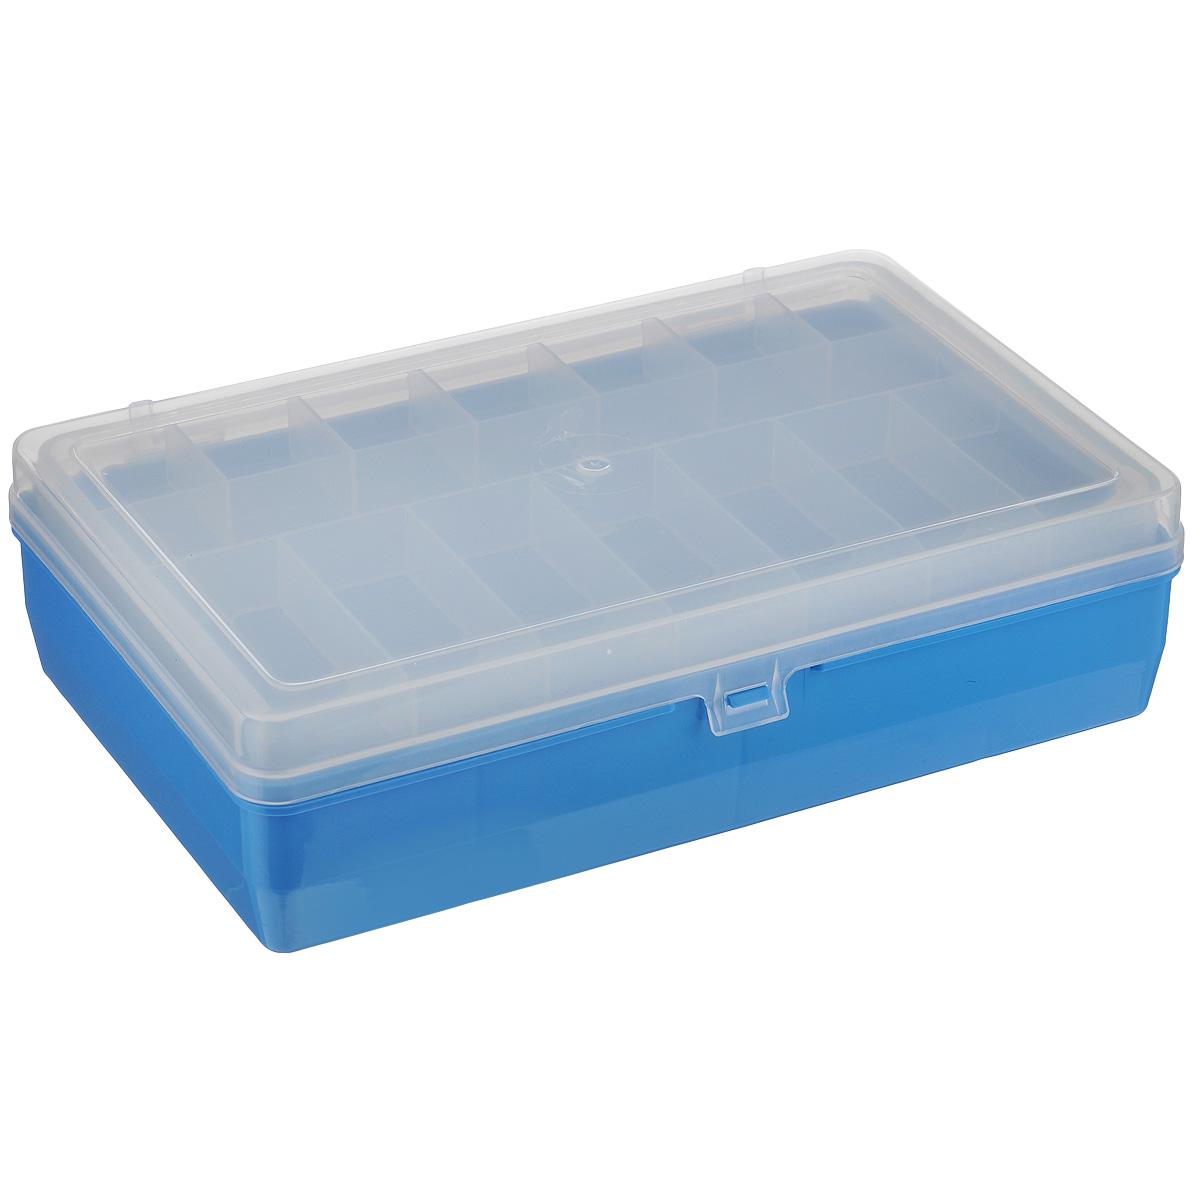 Коробка для мелочей Trivol, двухъярусная, цвет: голубой,23,5 см х 15 см х 6,5 см25051 7_желтыйДвухъярусная коробка для мелочей Trivol изготовлена из высококачественного пластика. Прозрачная крышка позволяет видеть содержимое коробки. Изделие имеет два яруса. Верхний ярус представляет собой съемное отделение, в котором содержится 15 ячеек разной формы. Нижний ярус имеет 3 ячейки разного размера. Коробка прекрасно подойдет для хранения швейных принадлежностей, рыболовных снастей, мелких деталей и других бытовых мелочей. Удобный и надежный замок-защелка обеспечивает надежное закрывание крышки. Коробка легко моется и чистится. Такая коробка поможет держать вещи в порядке.